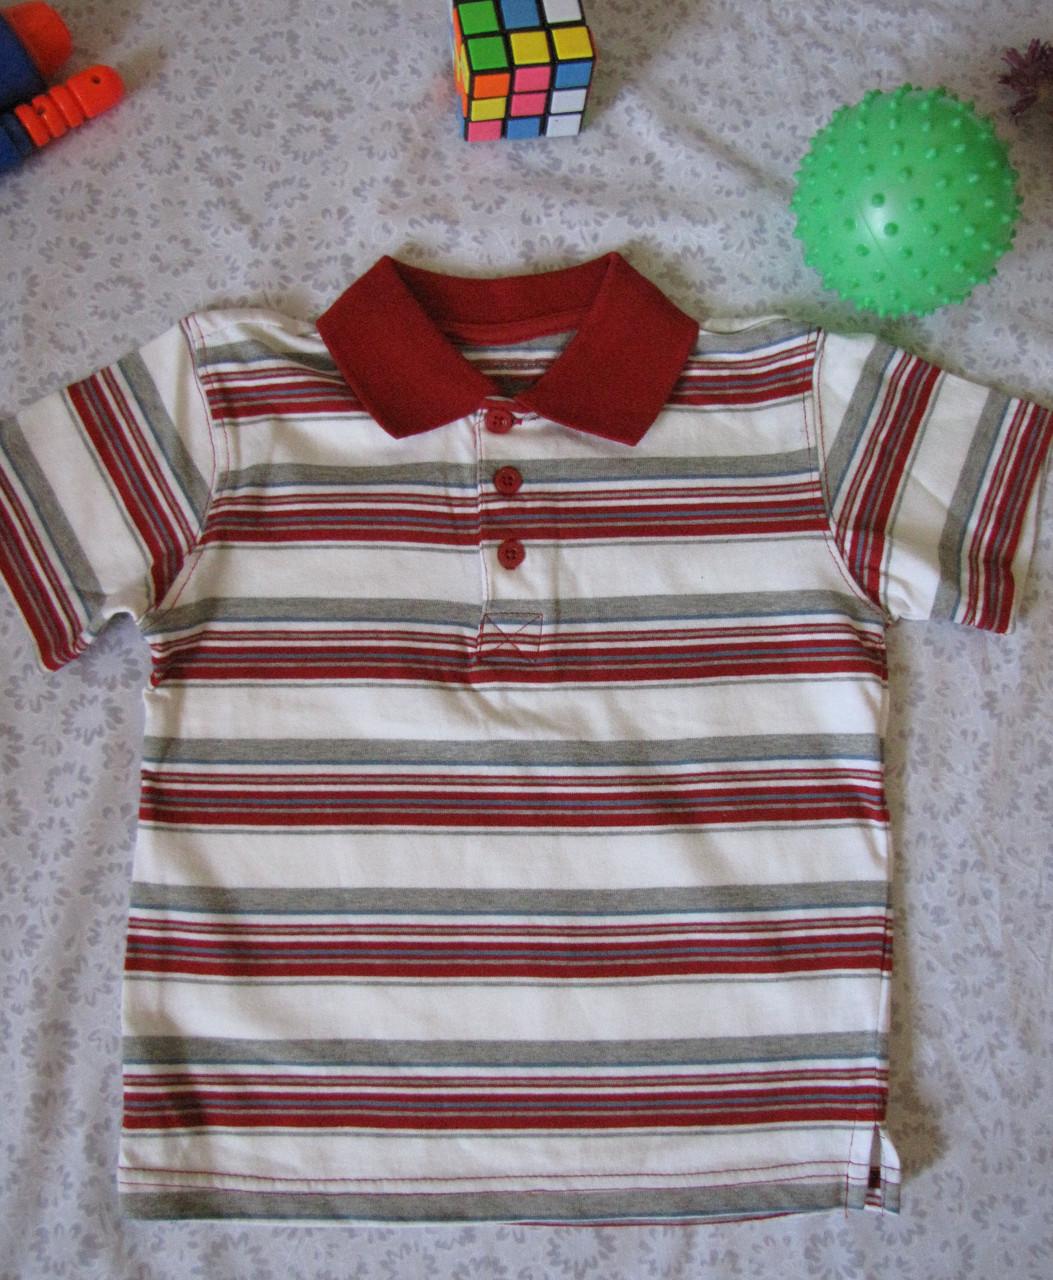 Футболка поло Wonder Kids оригинал рост 98 см белая+красная 07124, фото 1